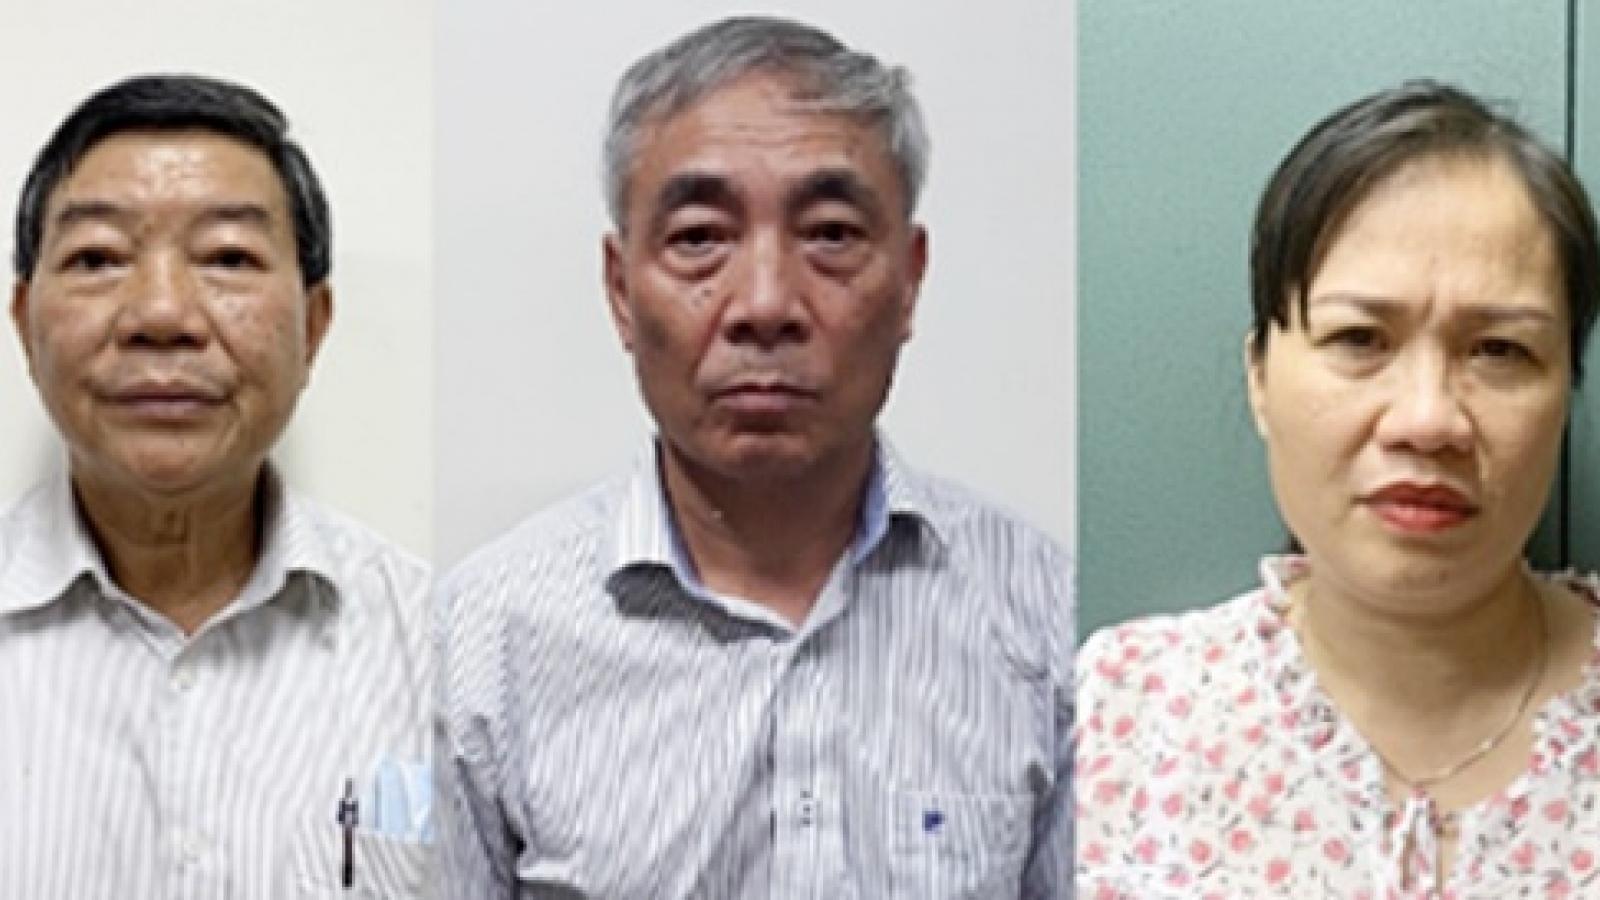 Khởi tố, bắt tạm giam nguyên Giám đốc bệnh viện Bạch Mai vì nâng khống thiết bị y tế